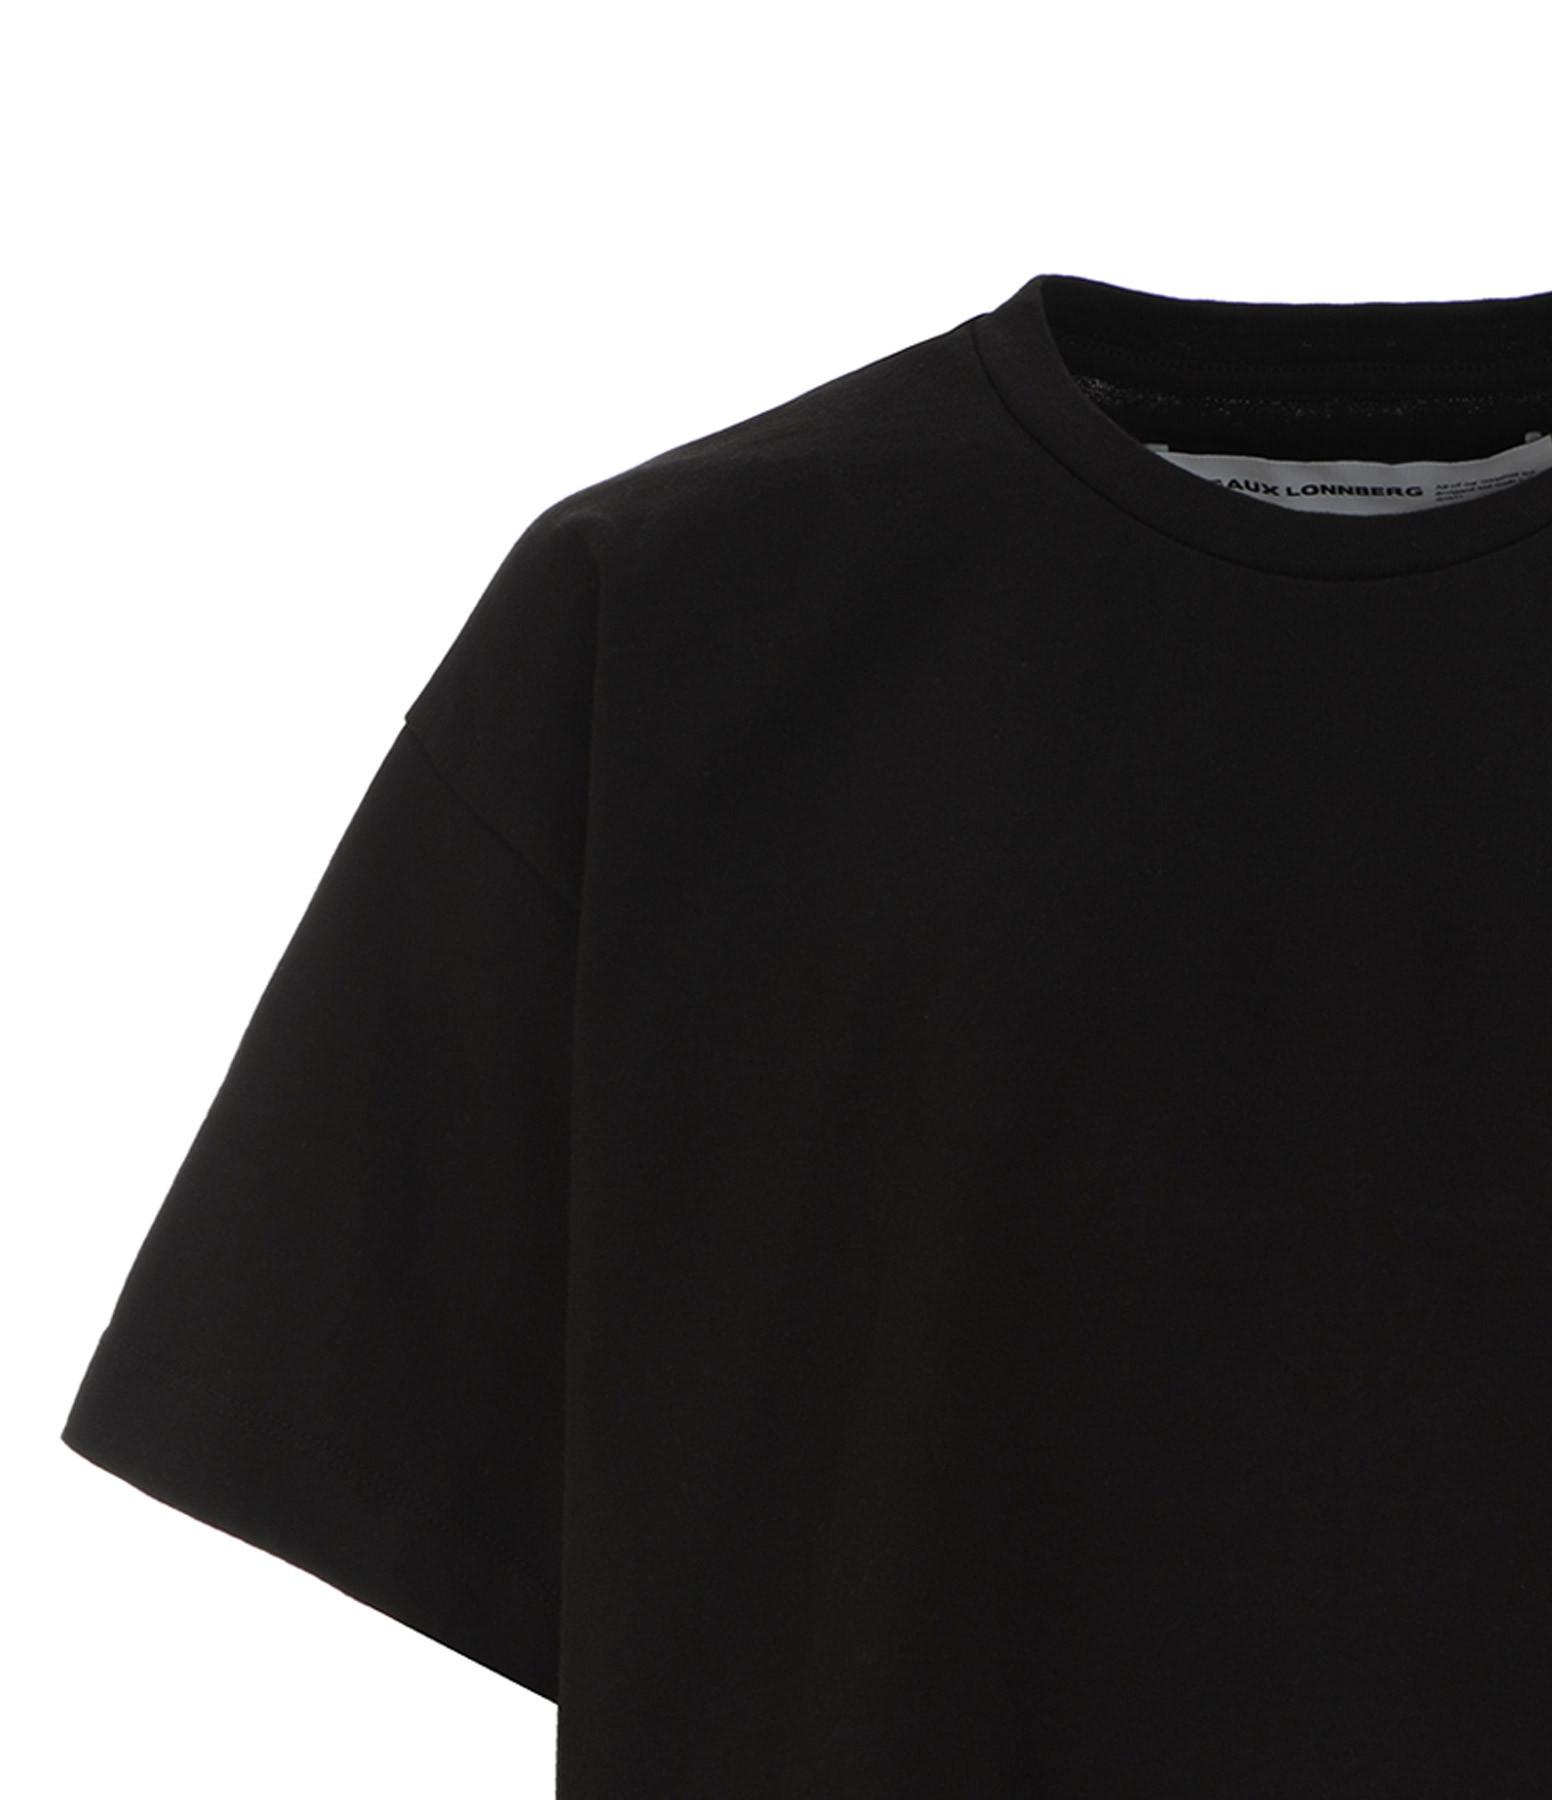 MARGAUX LONNBERG - Tee-shirt Brisa Noir